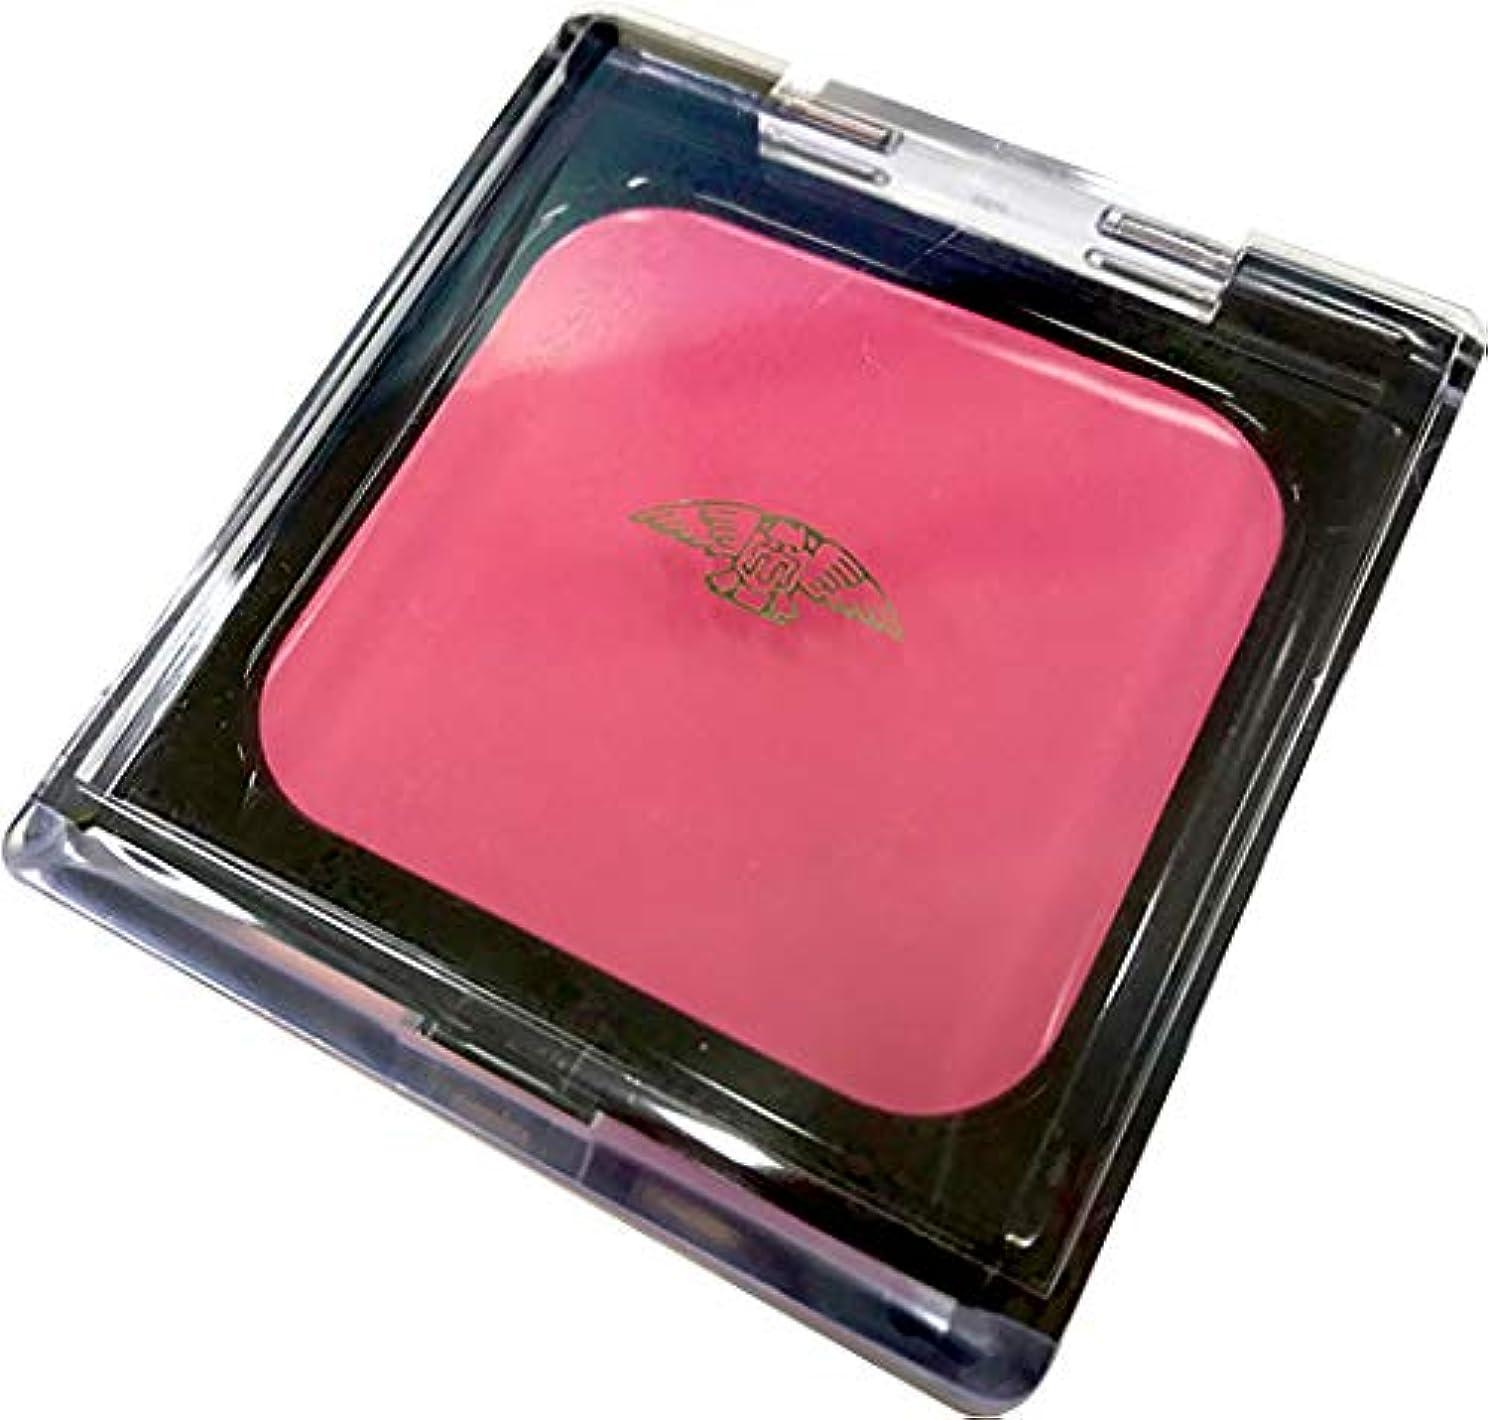 抵当熱崩壊三善 クラウンカラー 7g ピンク